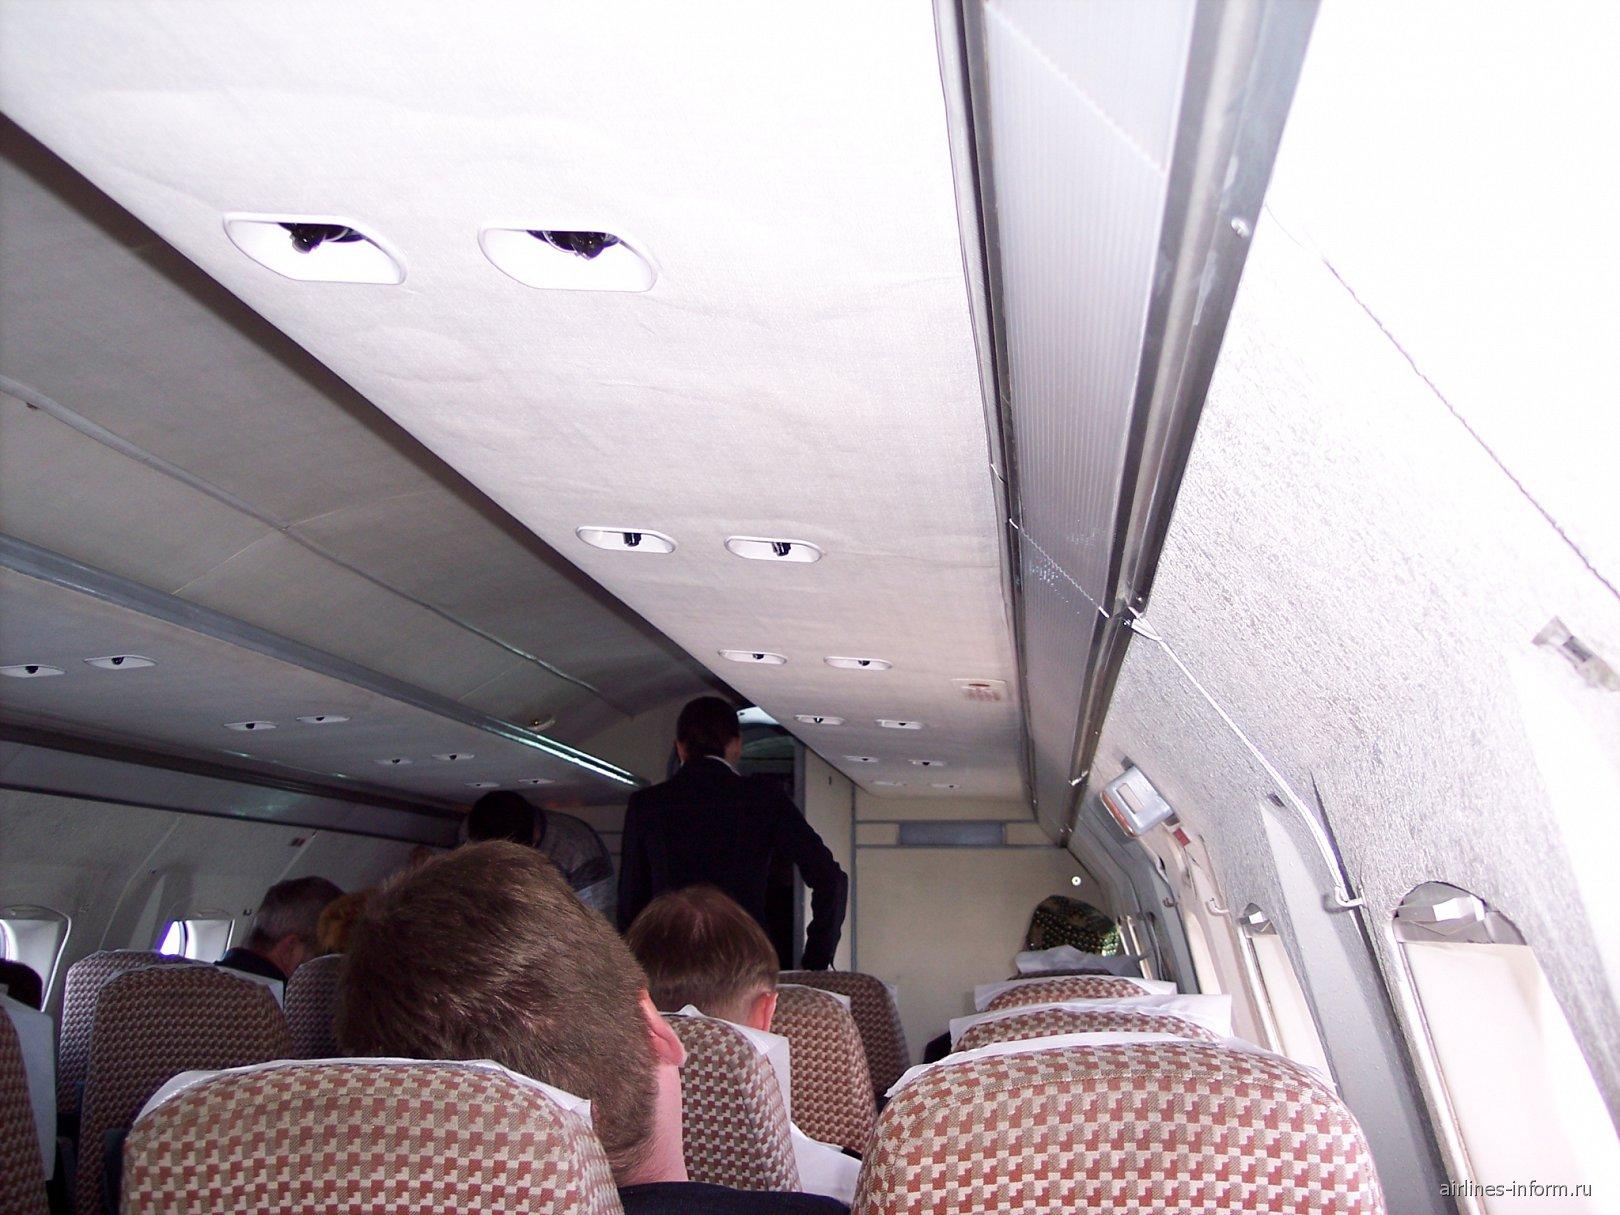 Салон Як-40 Бугульминского авиапредприятия